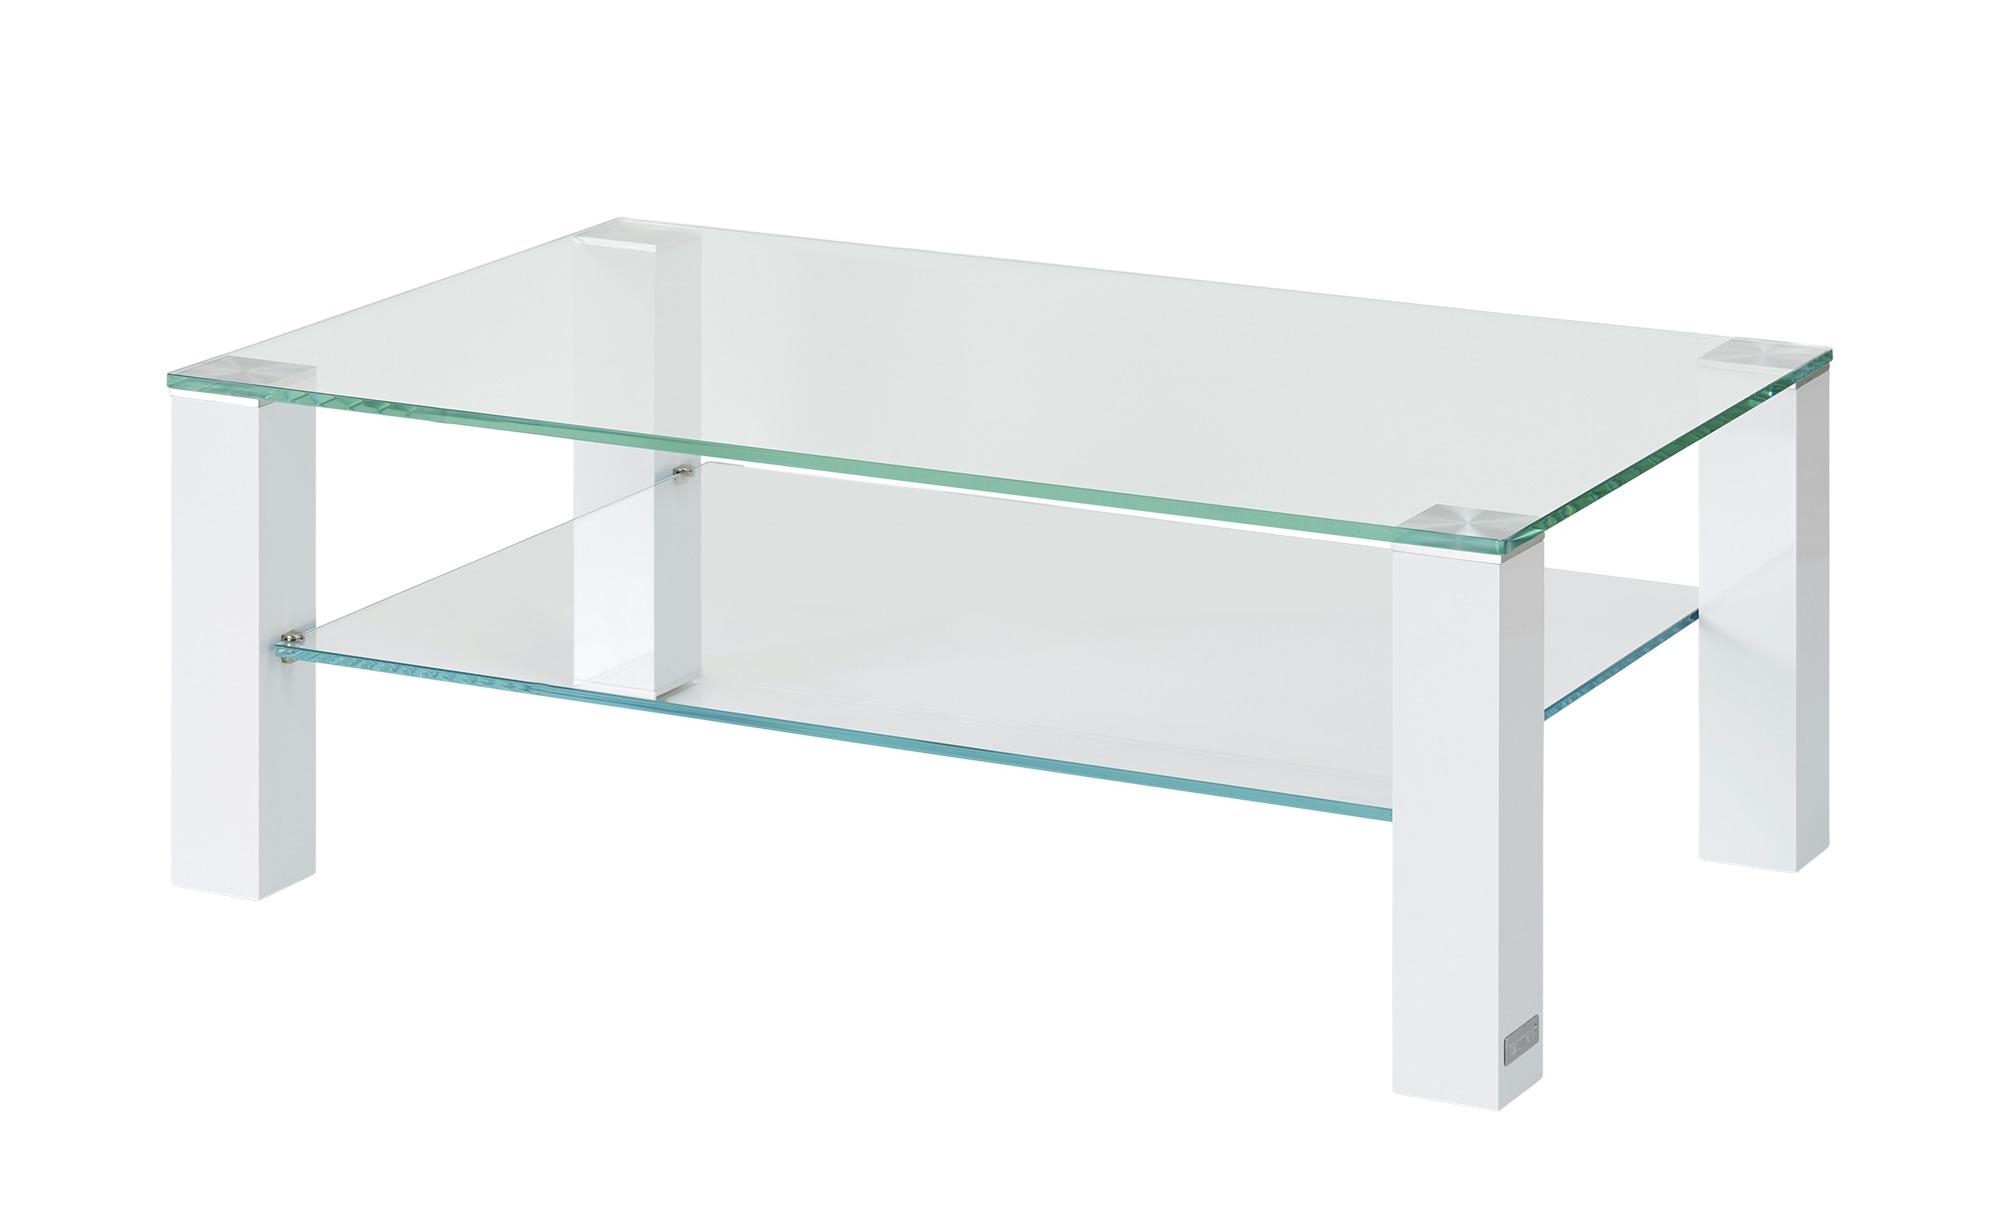 Wohnwert Couchtisch  Quatro ¦ Maße (cm): B: 70 H: 42 T: 70 Tische > Couchtische > Couchtische rechteckig - Höffner